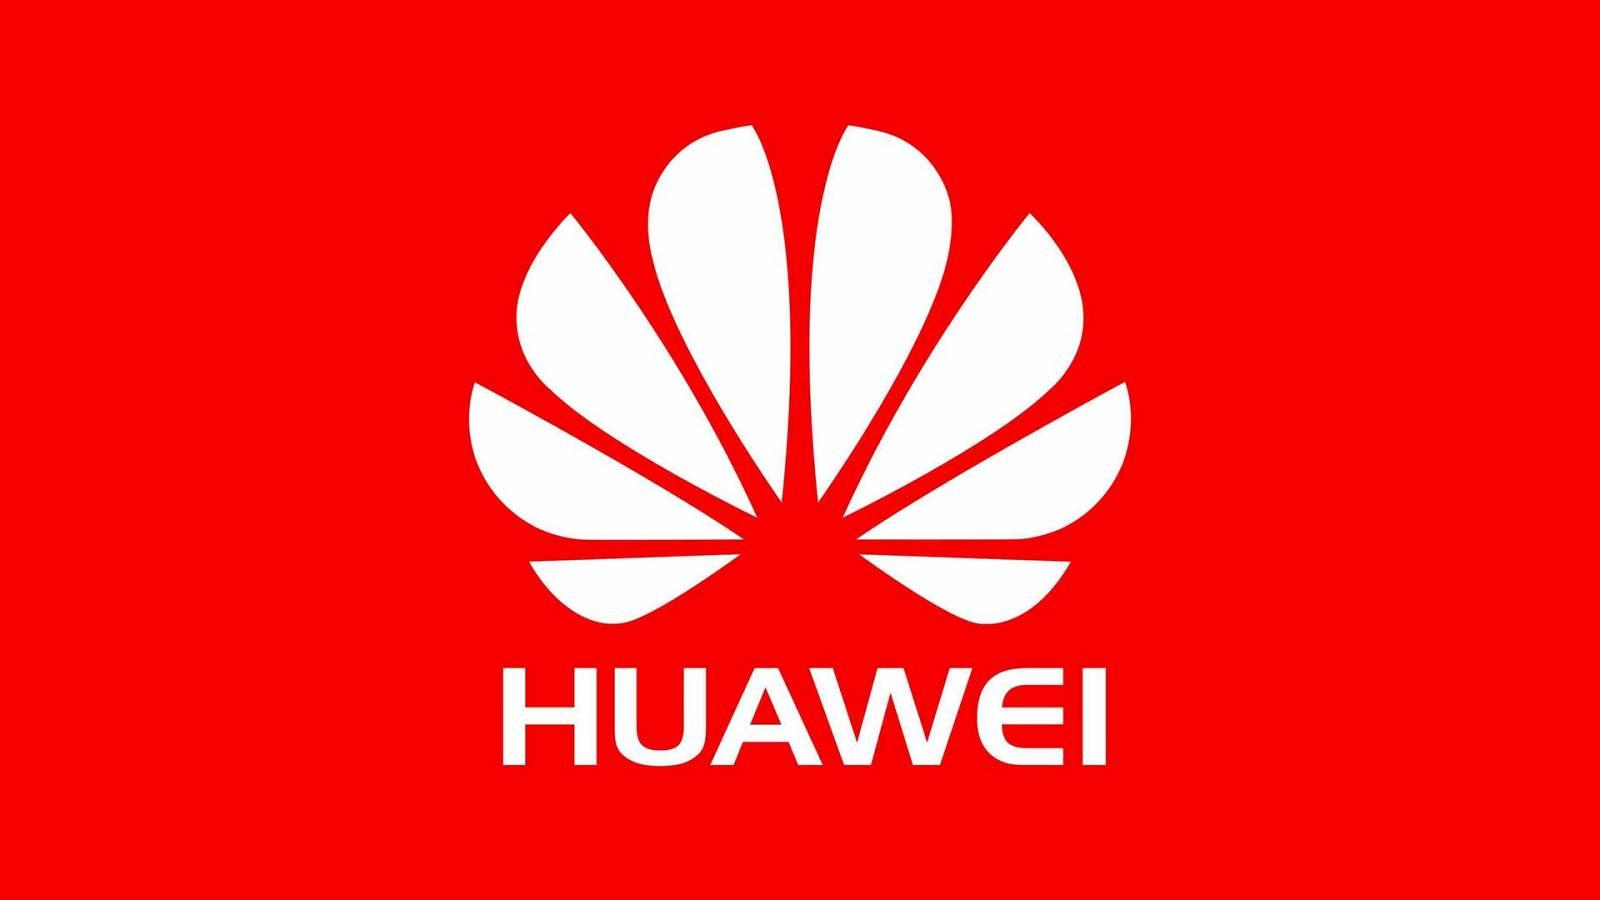 Huawei STMicroelectronics